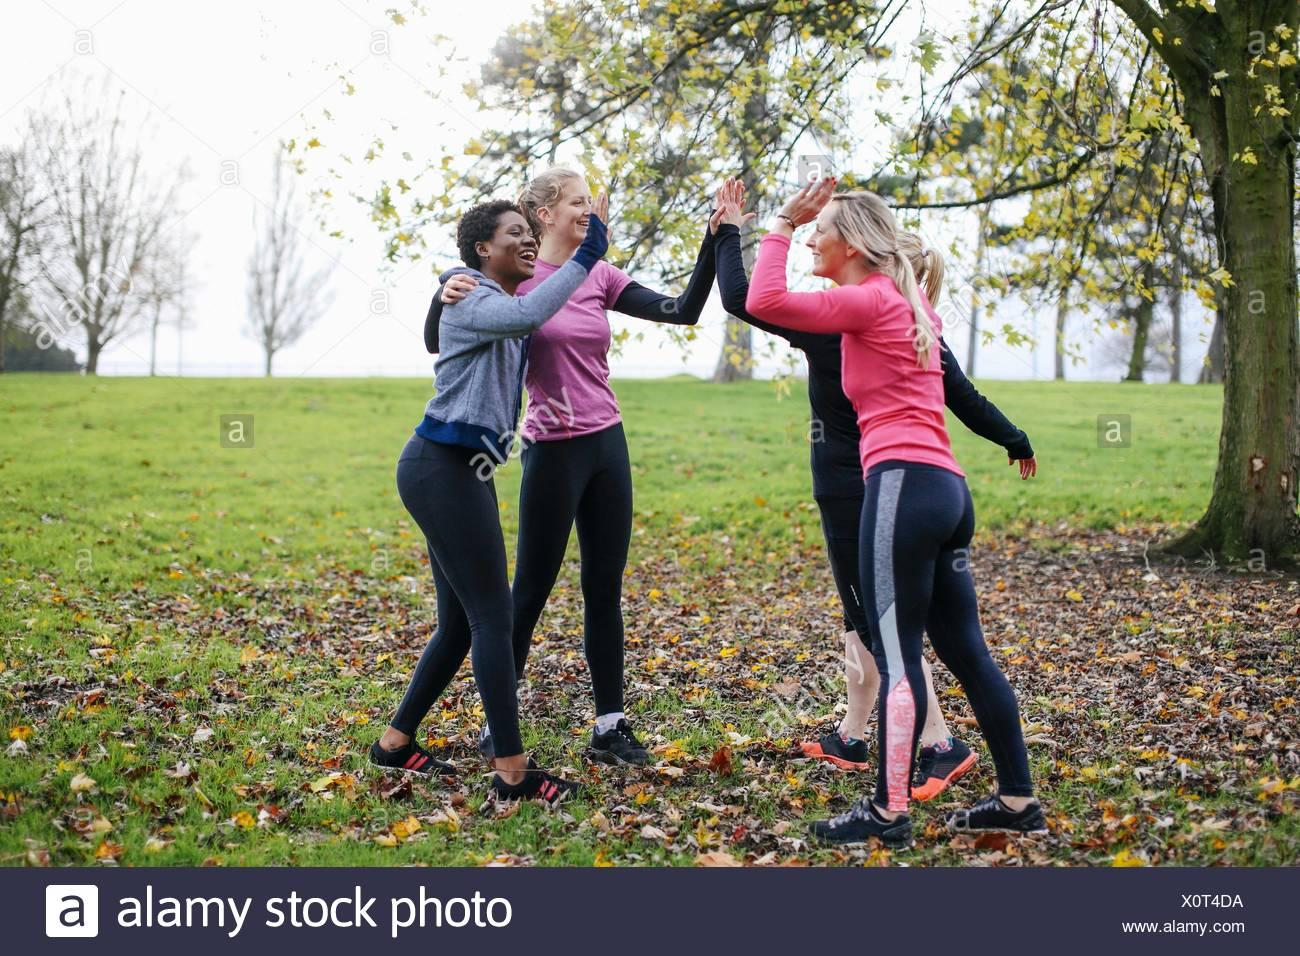 Frauen und Jugendliche vorbereiten, trainieren, geben einander ein high Five im park Stockbild